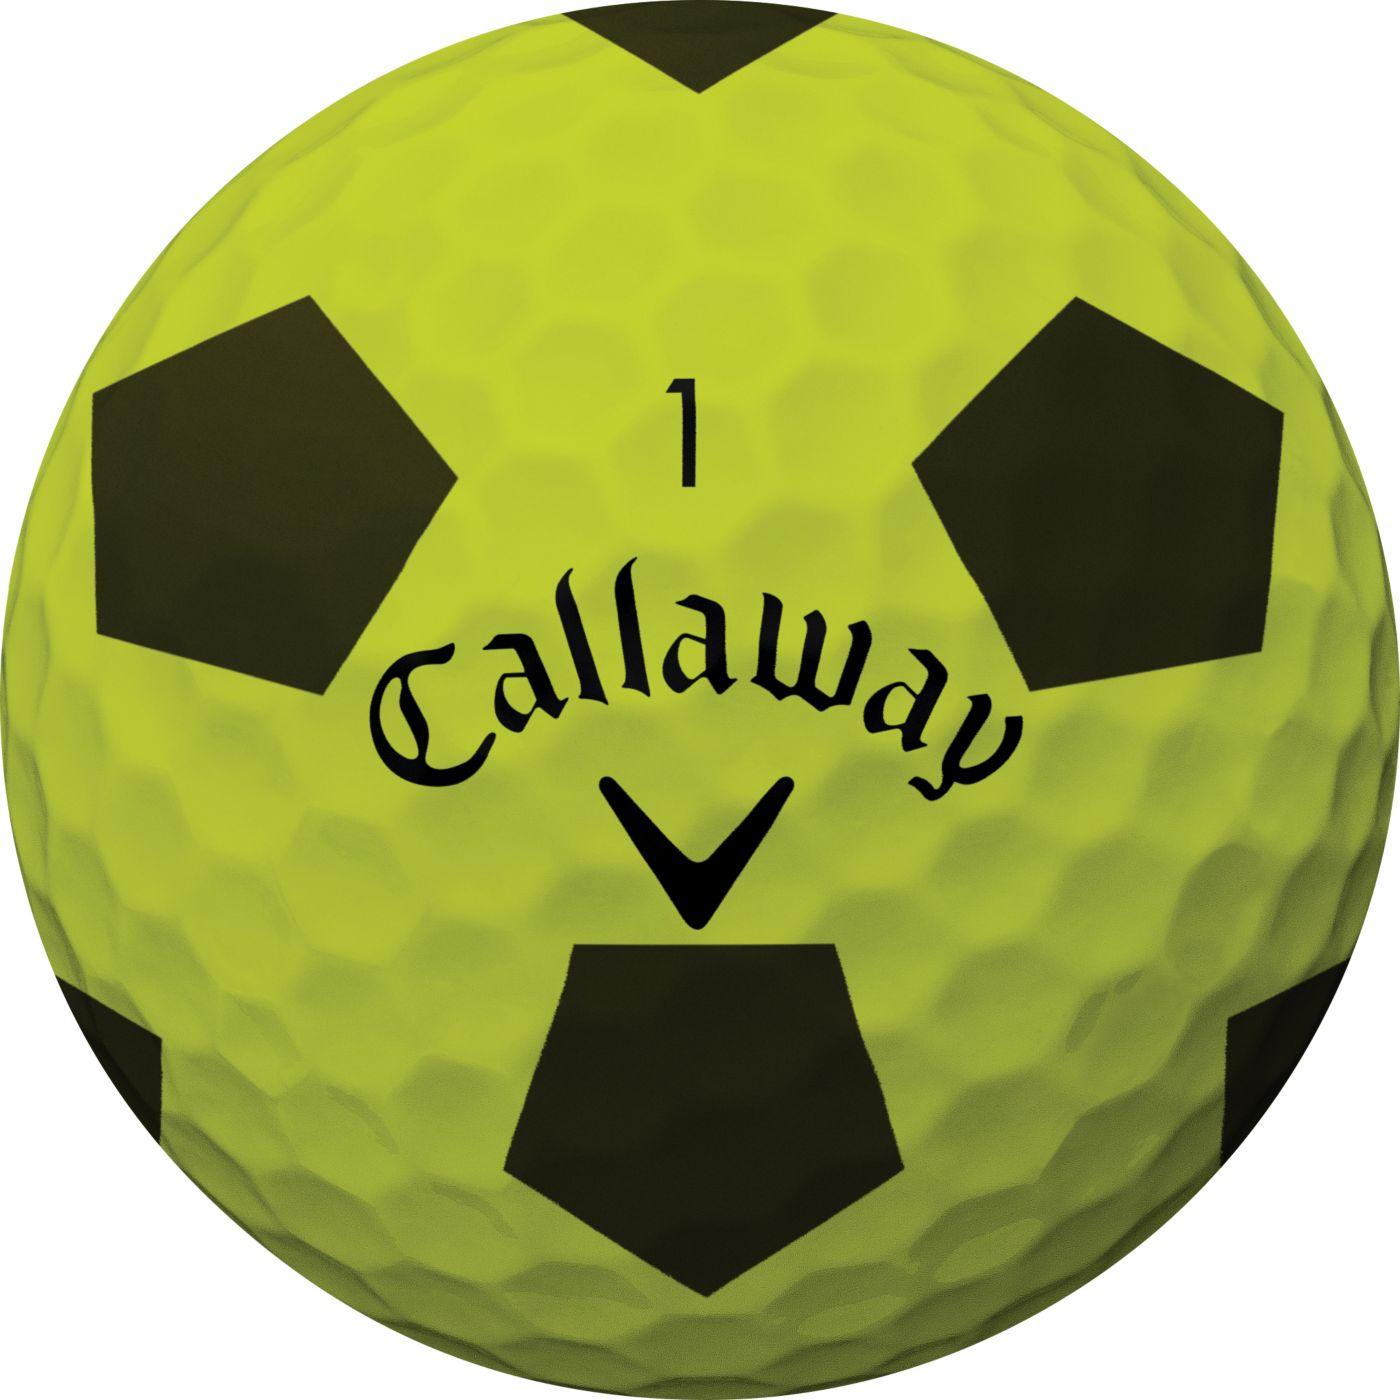 Callaway 2018 Chrome Soft Truvis Yellow Golf Balls